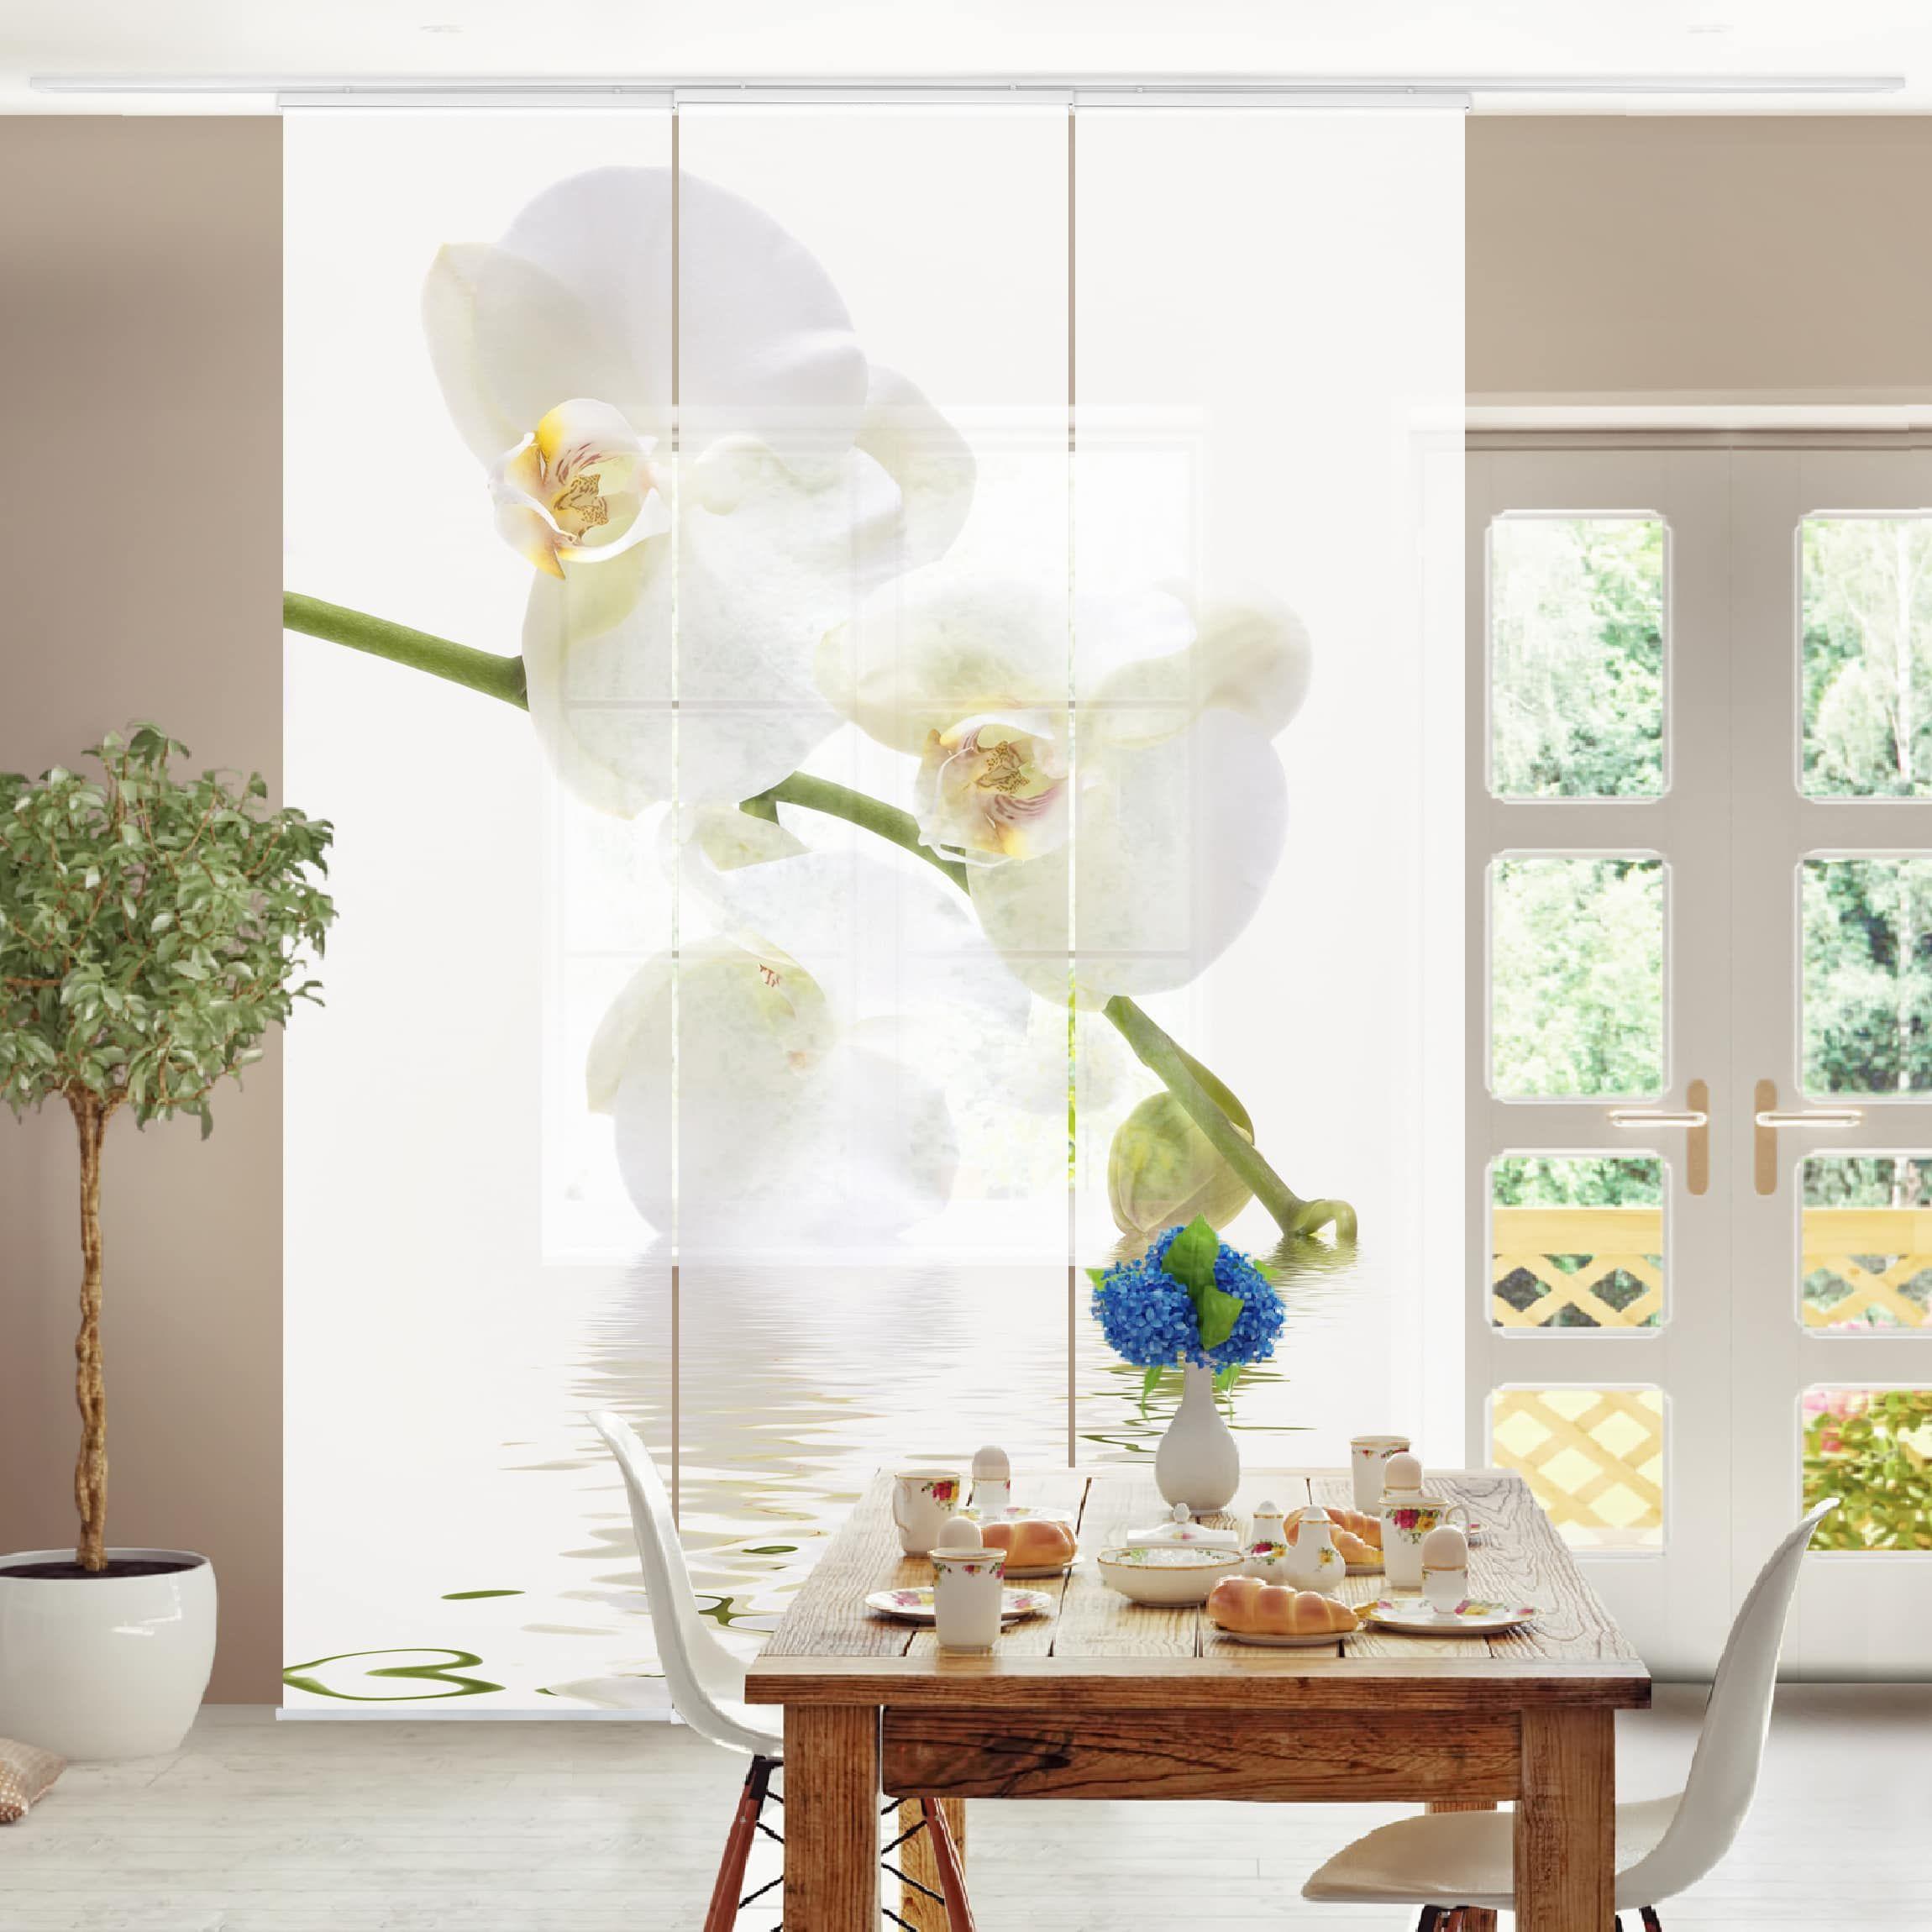 Montaggio Tende A Pannello.Tende Scorrevoli Set White Orchid Waters 3 Pannelli